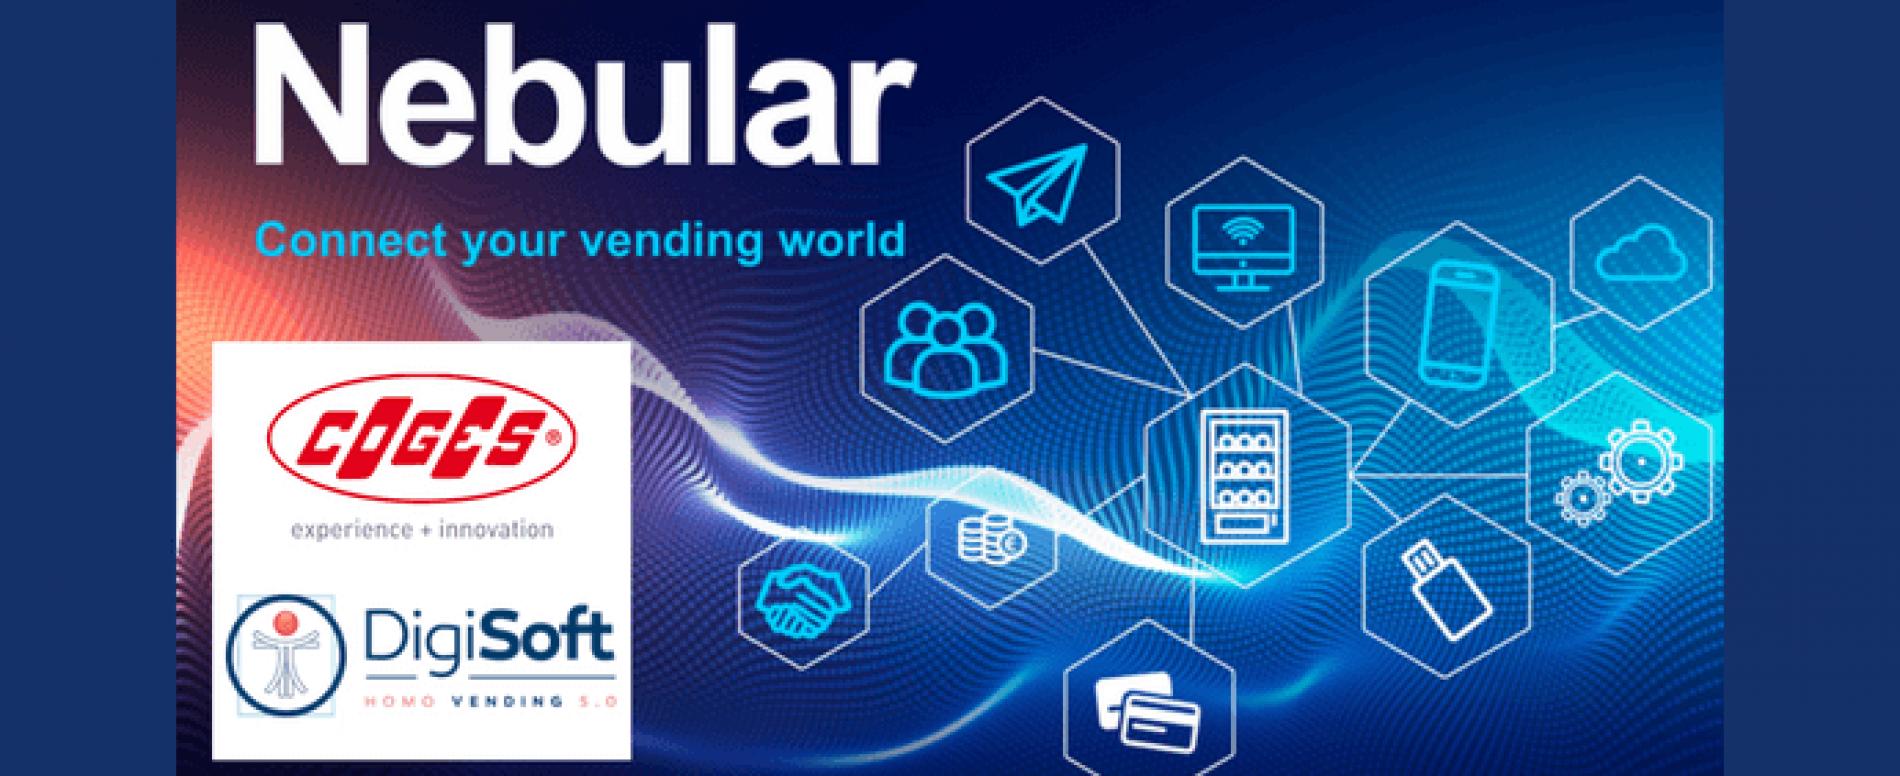 Coges e Digisoft connettono il mondo del Vending con Nebular